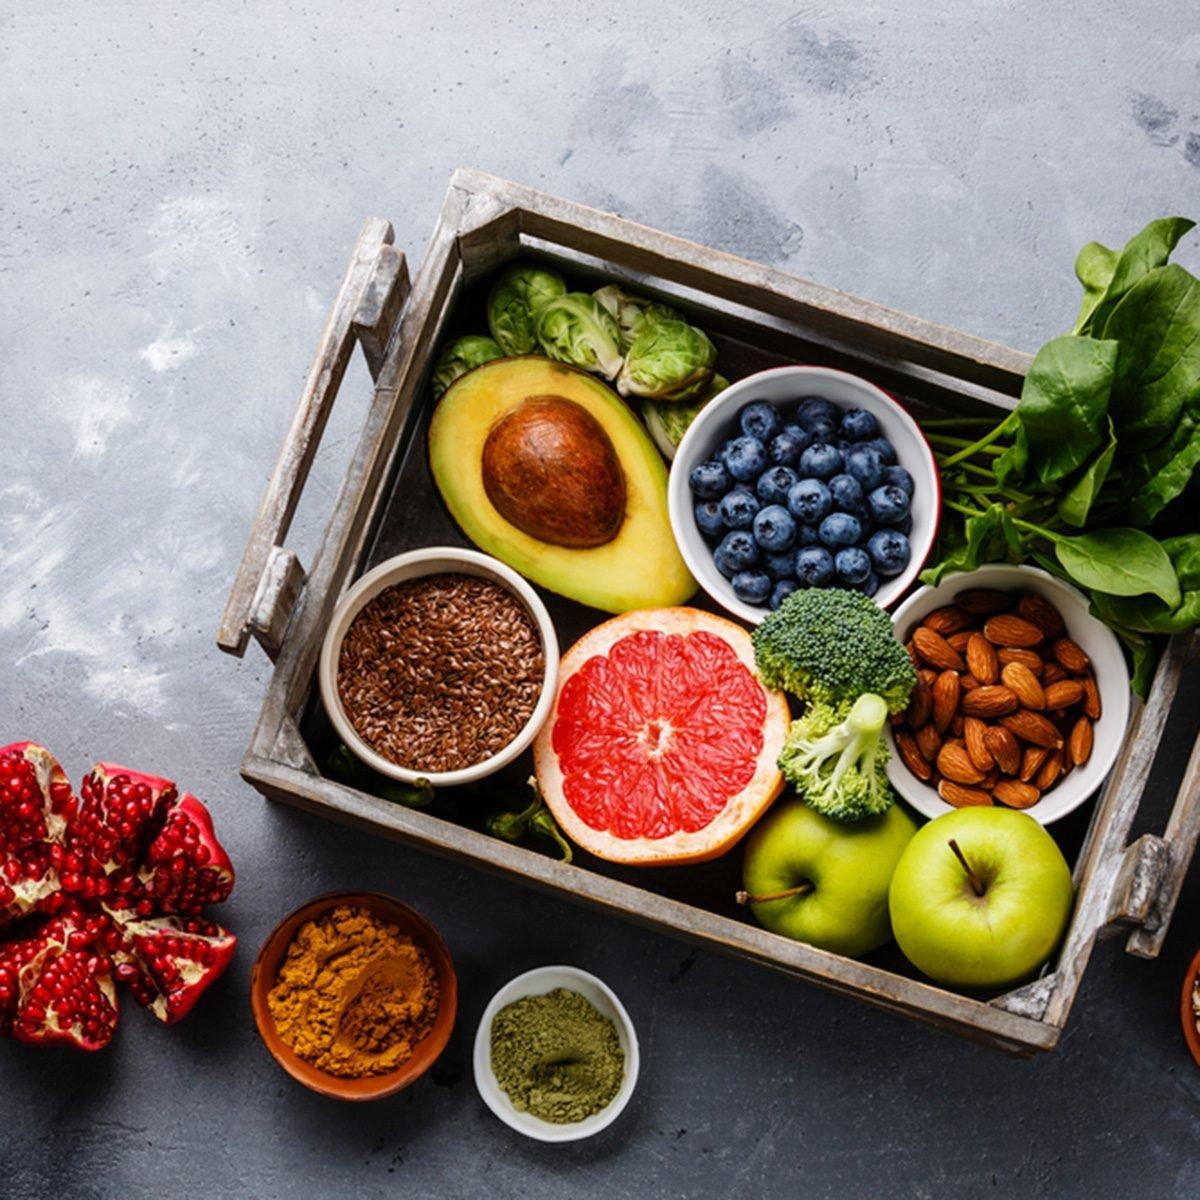 طعام صحي والكثير من الماء